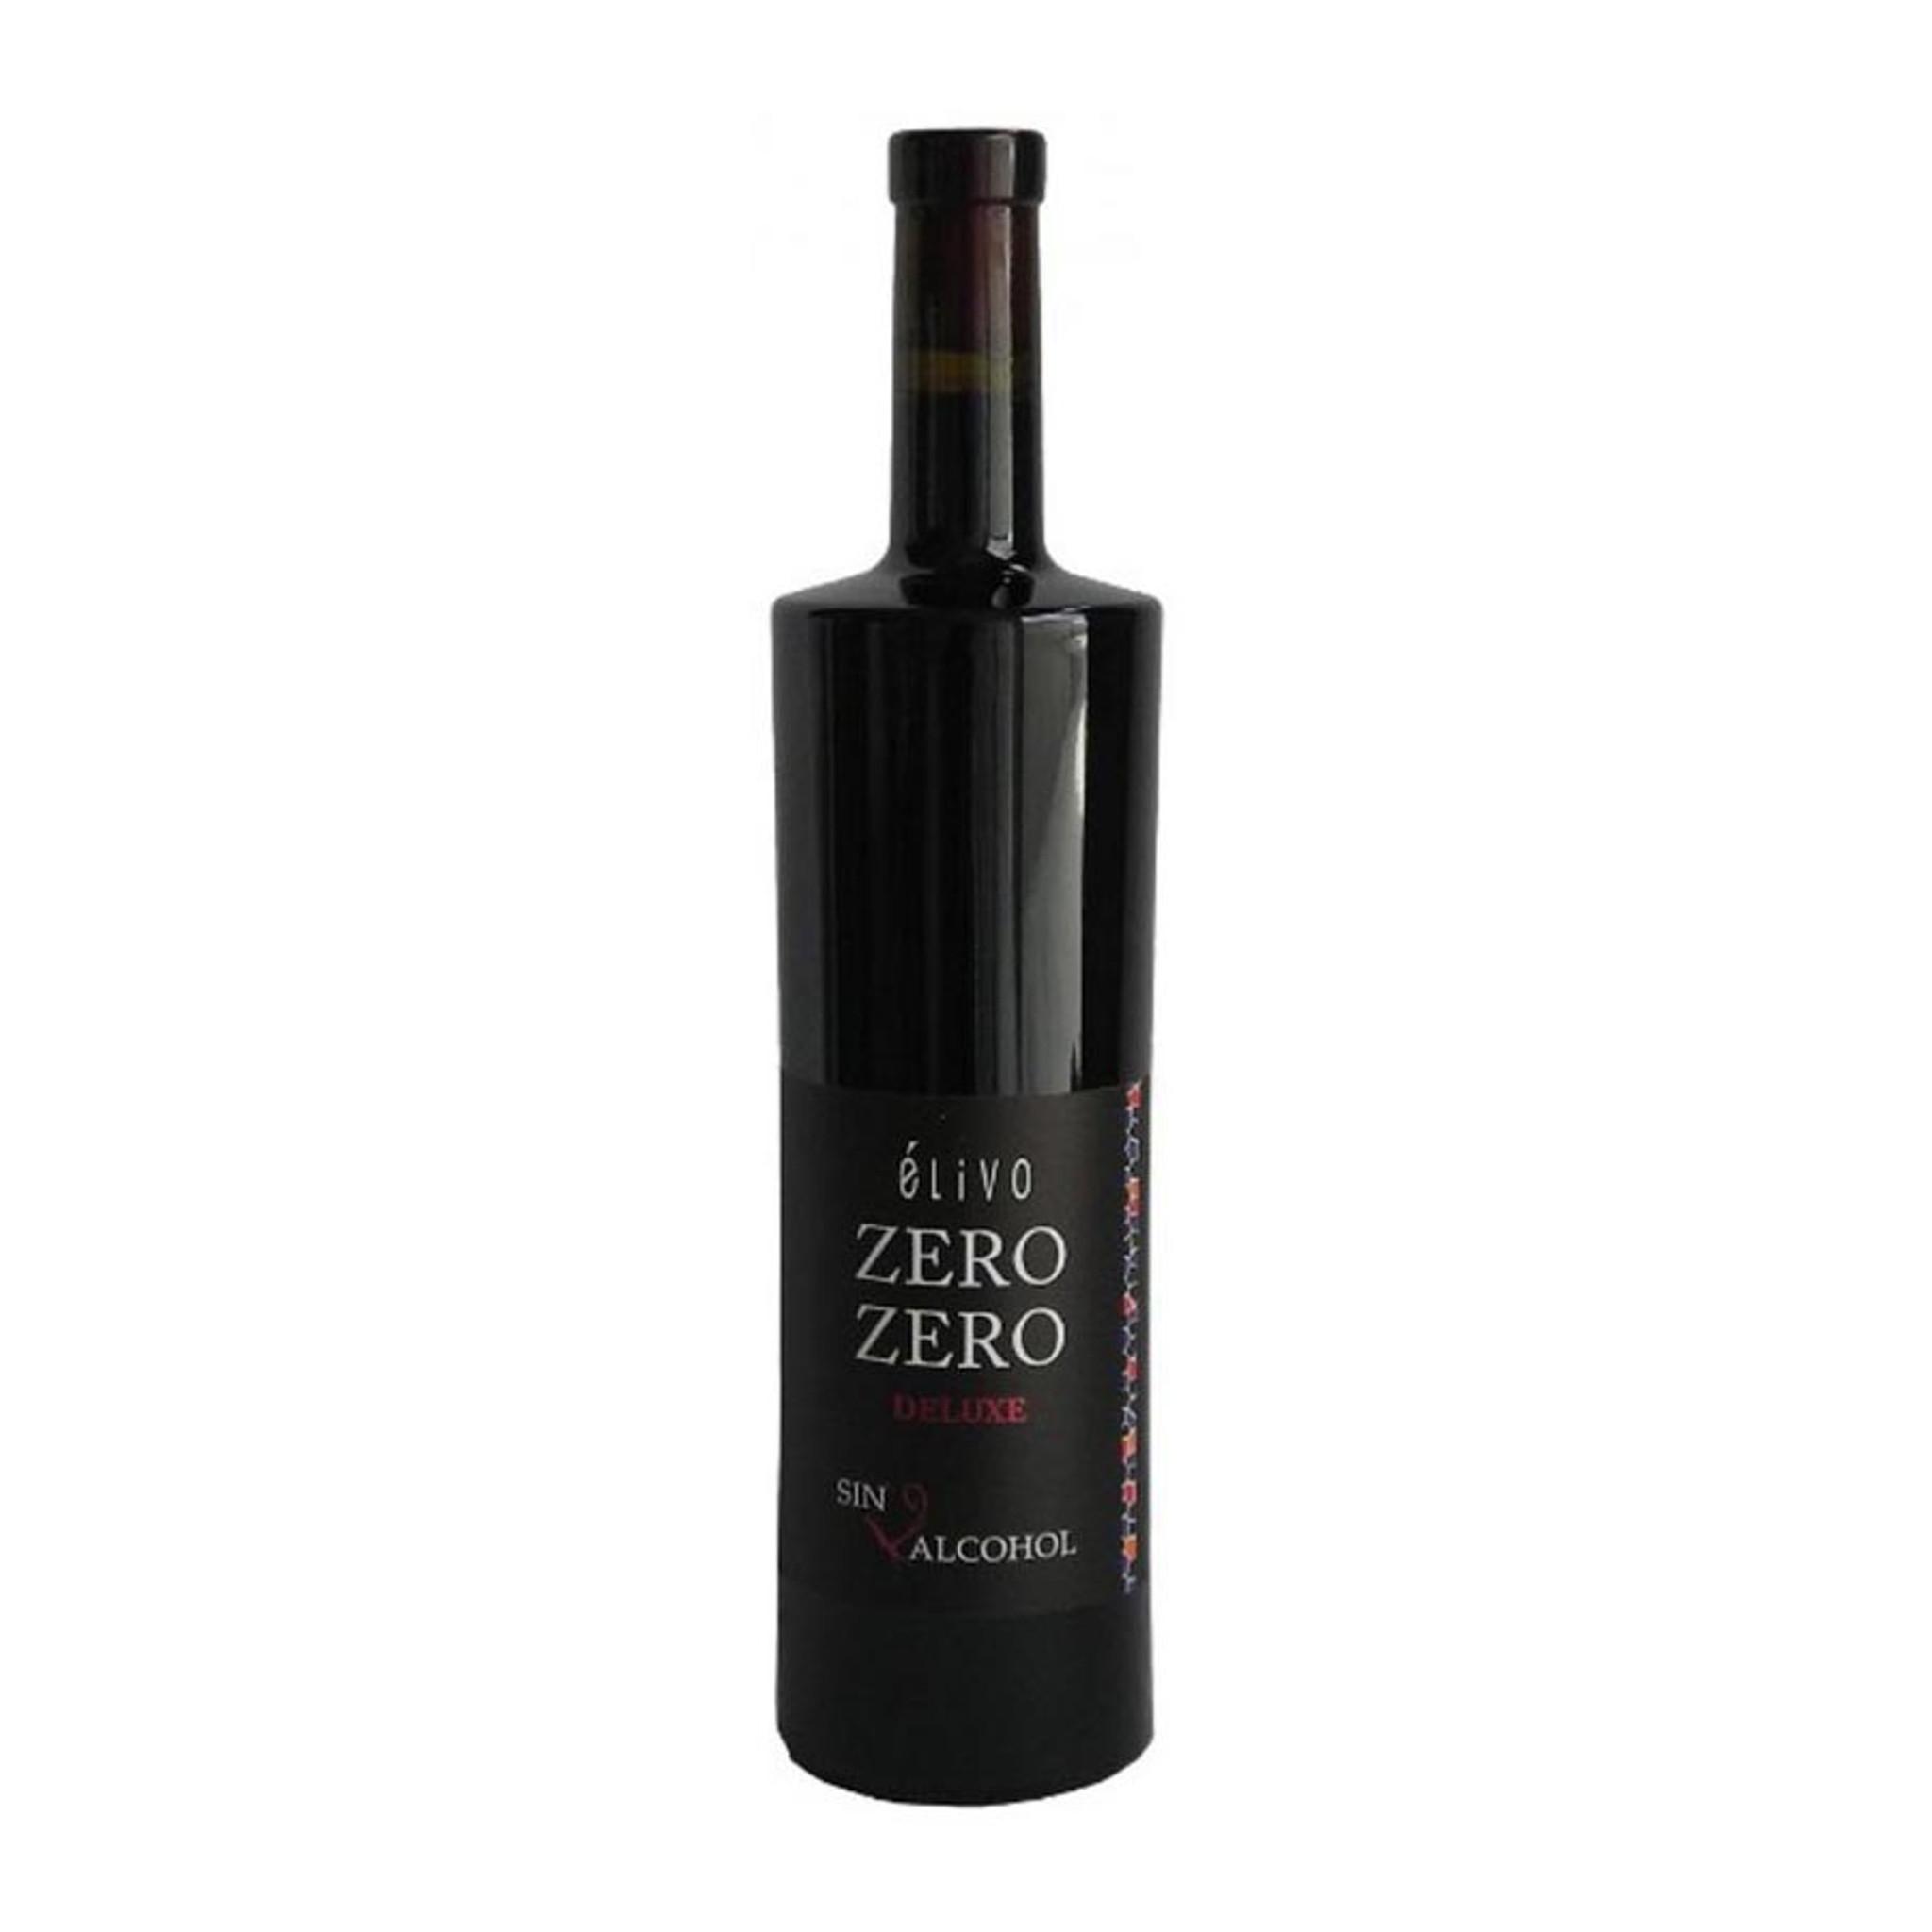 Elivo Zero Zero Deluxe Alcohol Free Red Wine